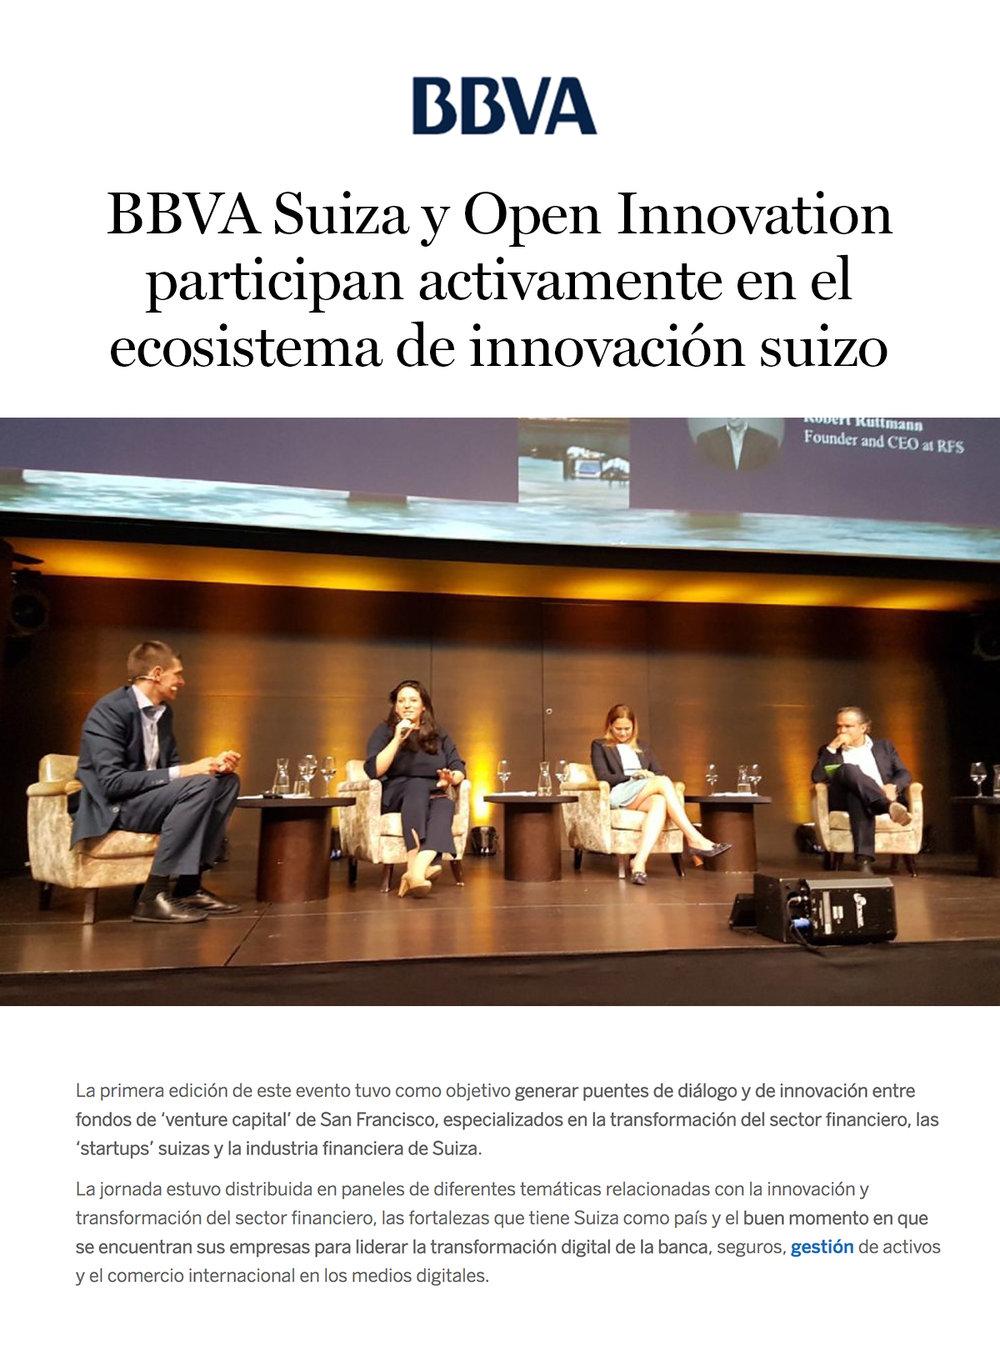 marisol-menendez-open-innovation-experte.jpg